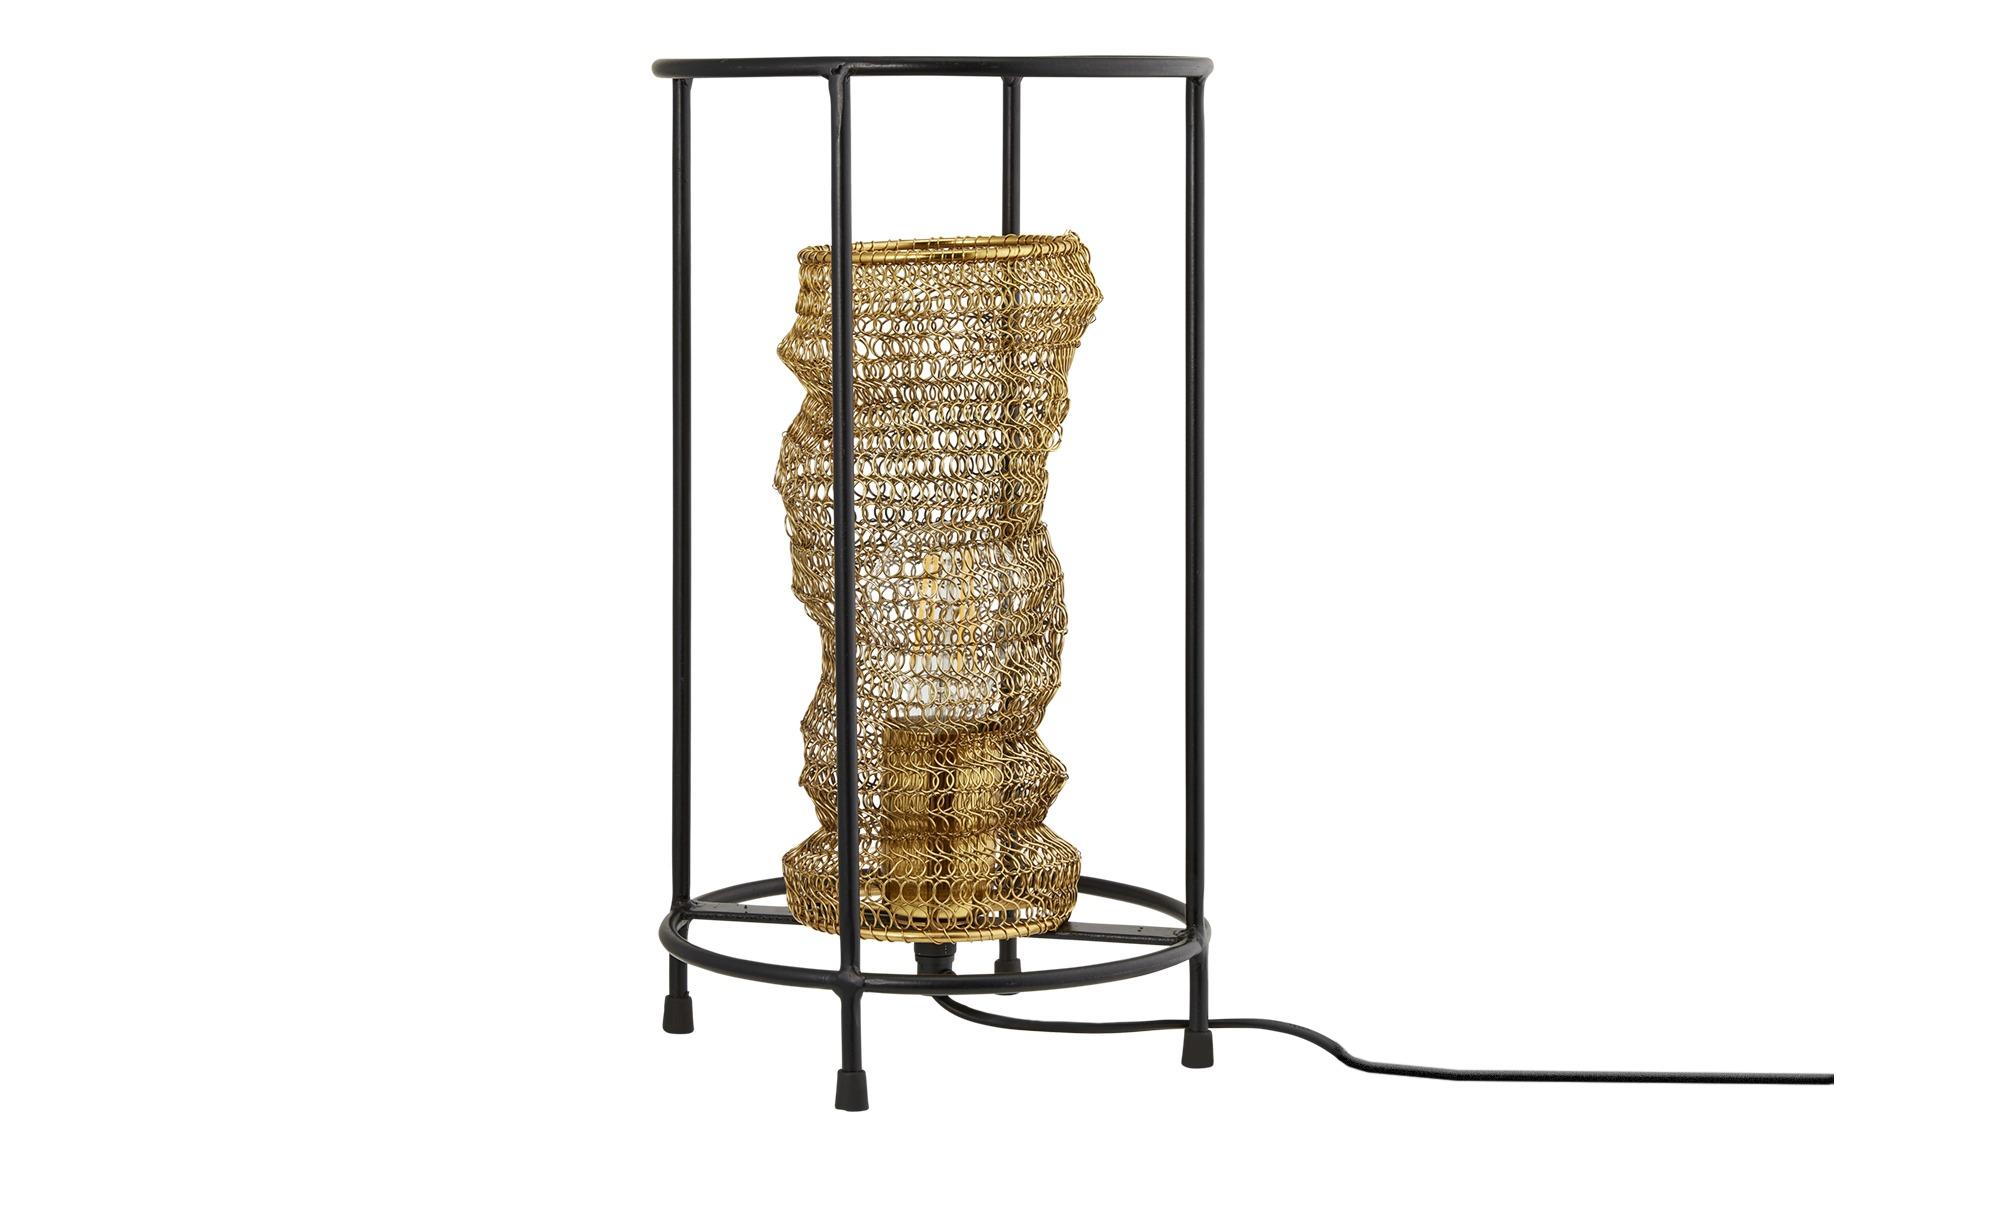 Fischer-Honsel Tischleuchte, Fischernetz-Optik ¦ gold ¦ Maße (cm): H: 36 Ø: [20.0] Lampen & Leuchten > Innenleuchten > Tischlampen - Höffner